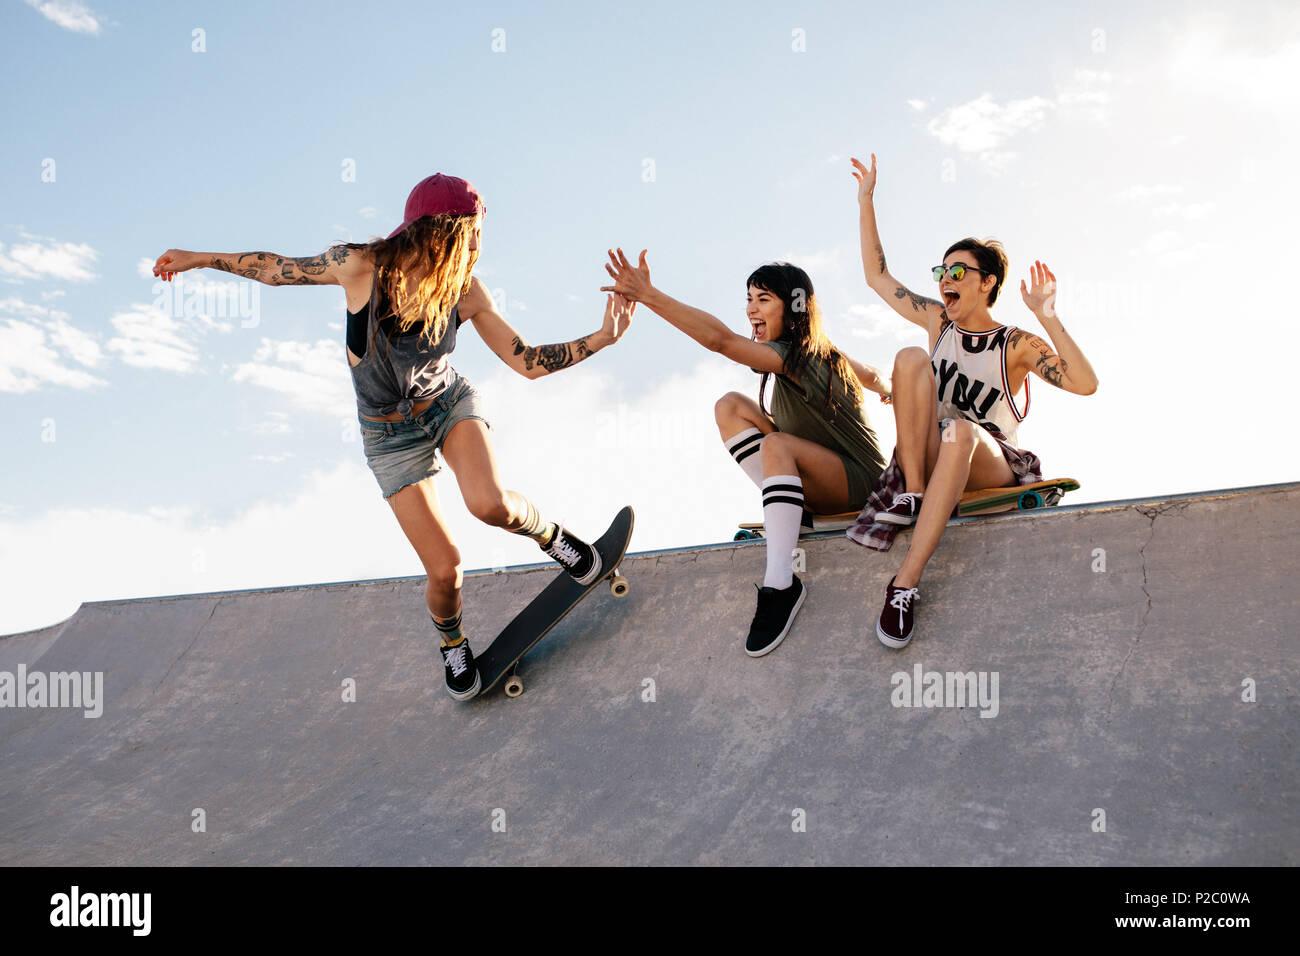 Patinador hembra montando en monopatín skate park con sus amigos sentado en  la rampa a divertirse 9d9ea3f78c3